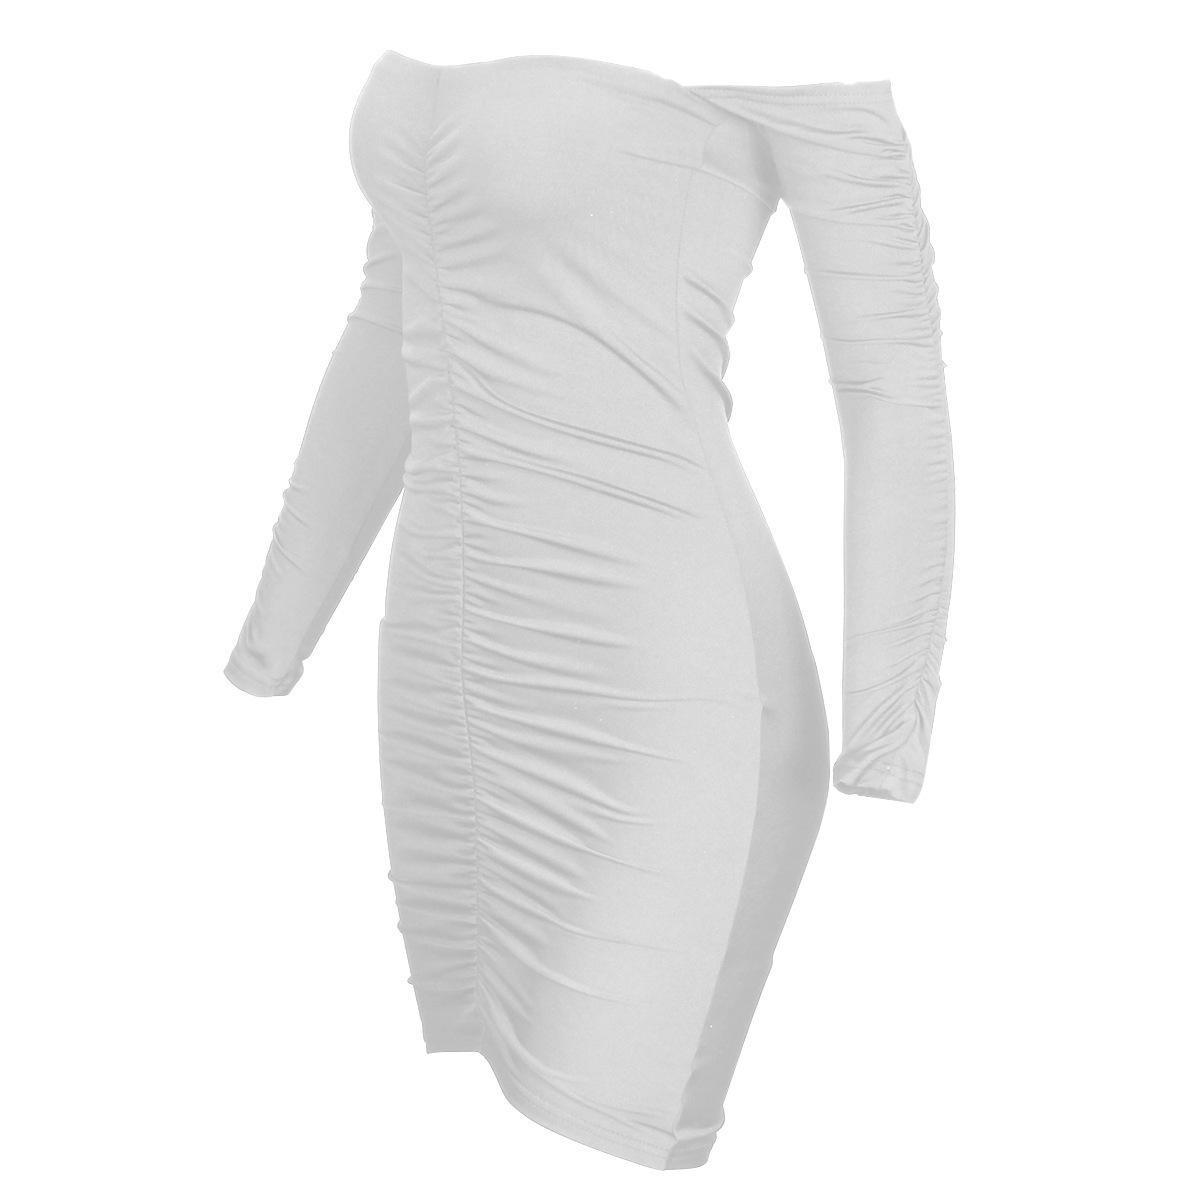 Женская мода Dresssexy Word воротник женское платье с длинным рукавом плиссированный мешок бедра юбка XL 7ve1q2xidd